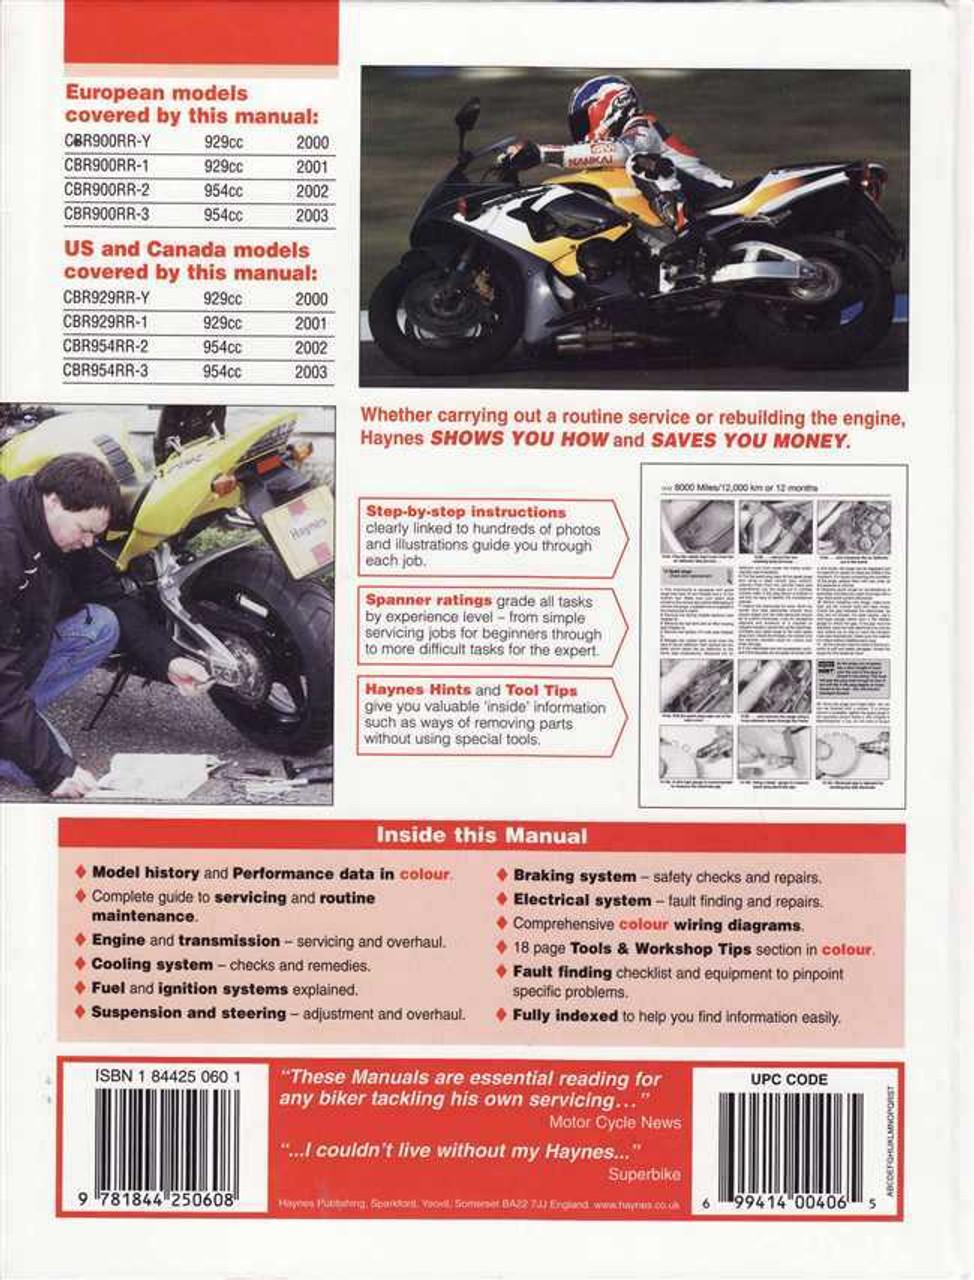 honda cbr900rr fireblade cbr929rr cbr954rr 2000 2003 workshop rh automotobookshop com au 2002 Honda CBR 954RR Specs Honda CBR 954 Double Bubble